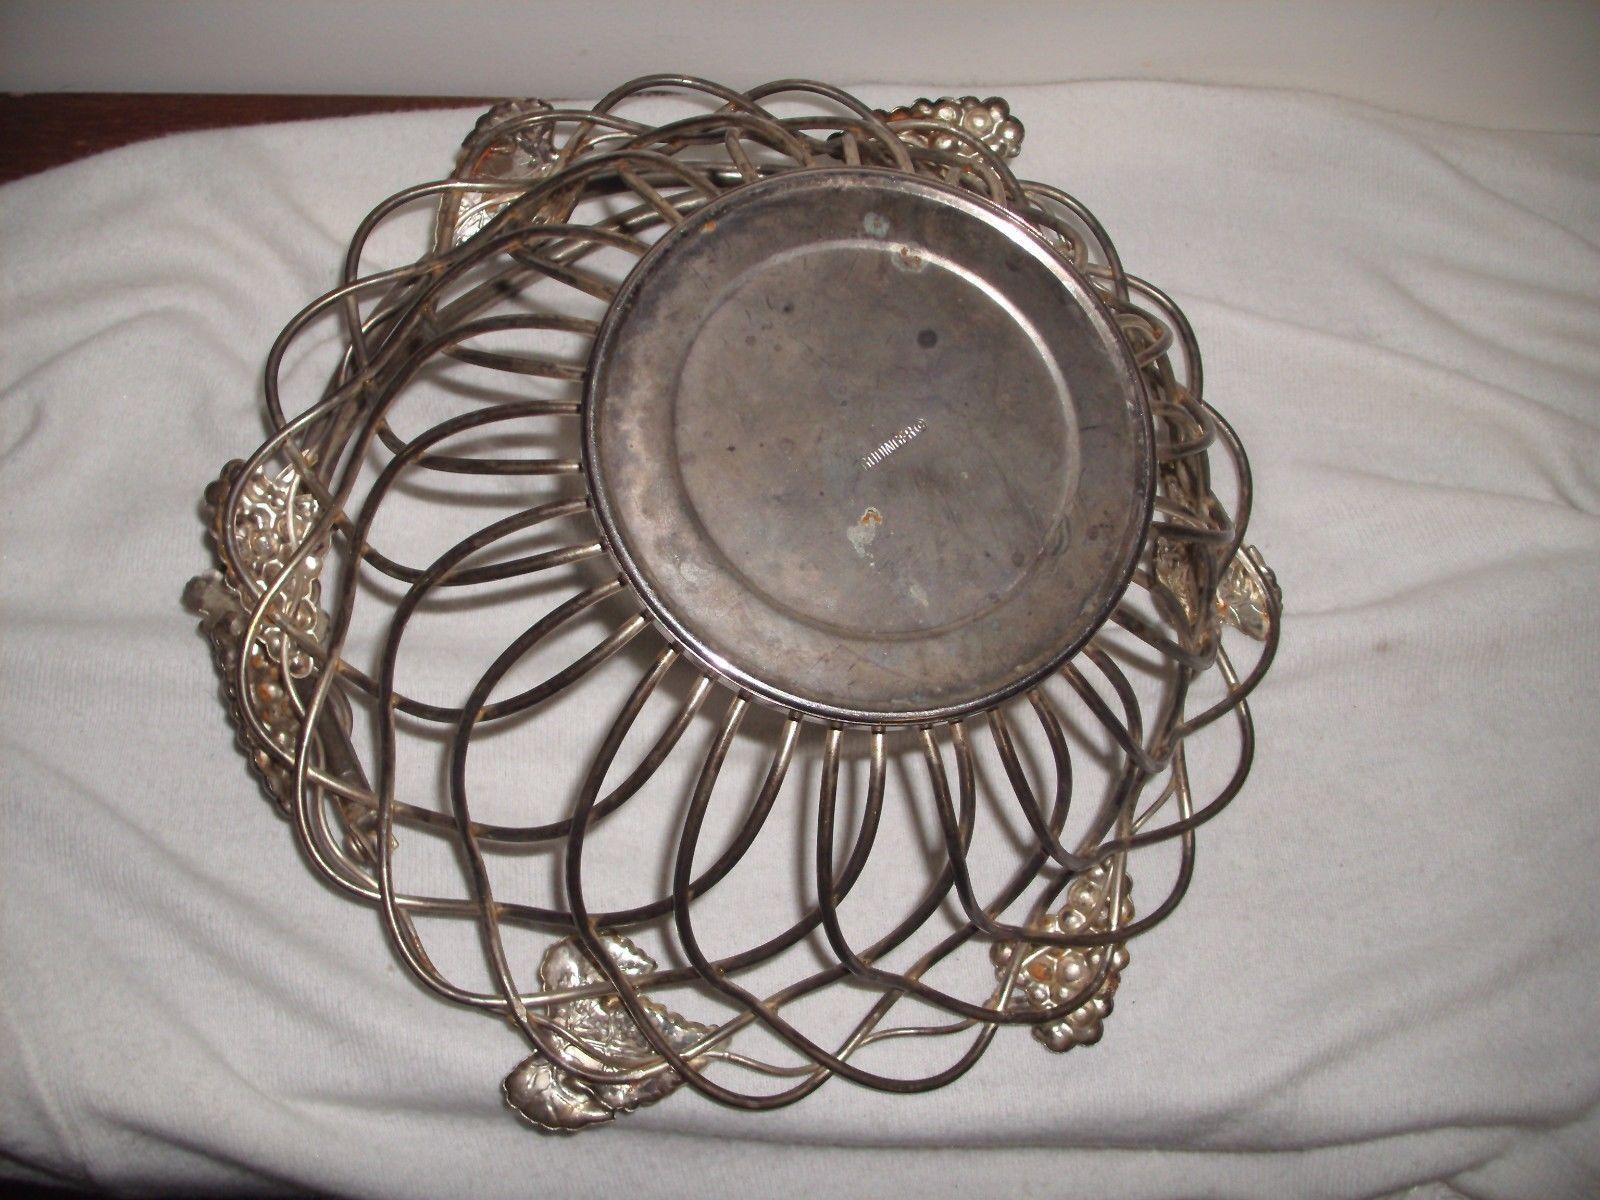 Godinger Silver Art Co Basket : Vintage godinger silver art company grape fruit basket w